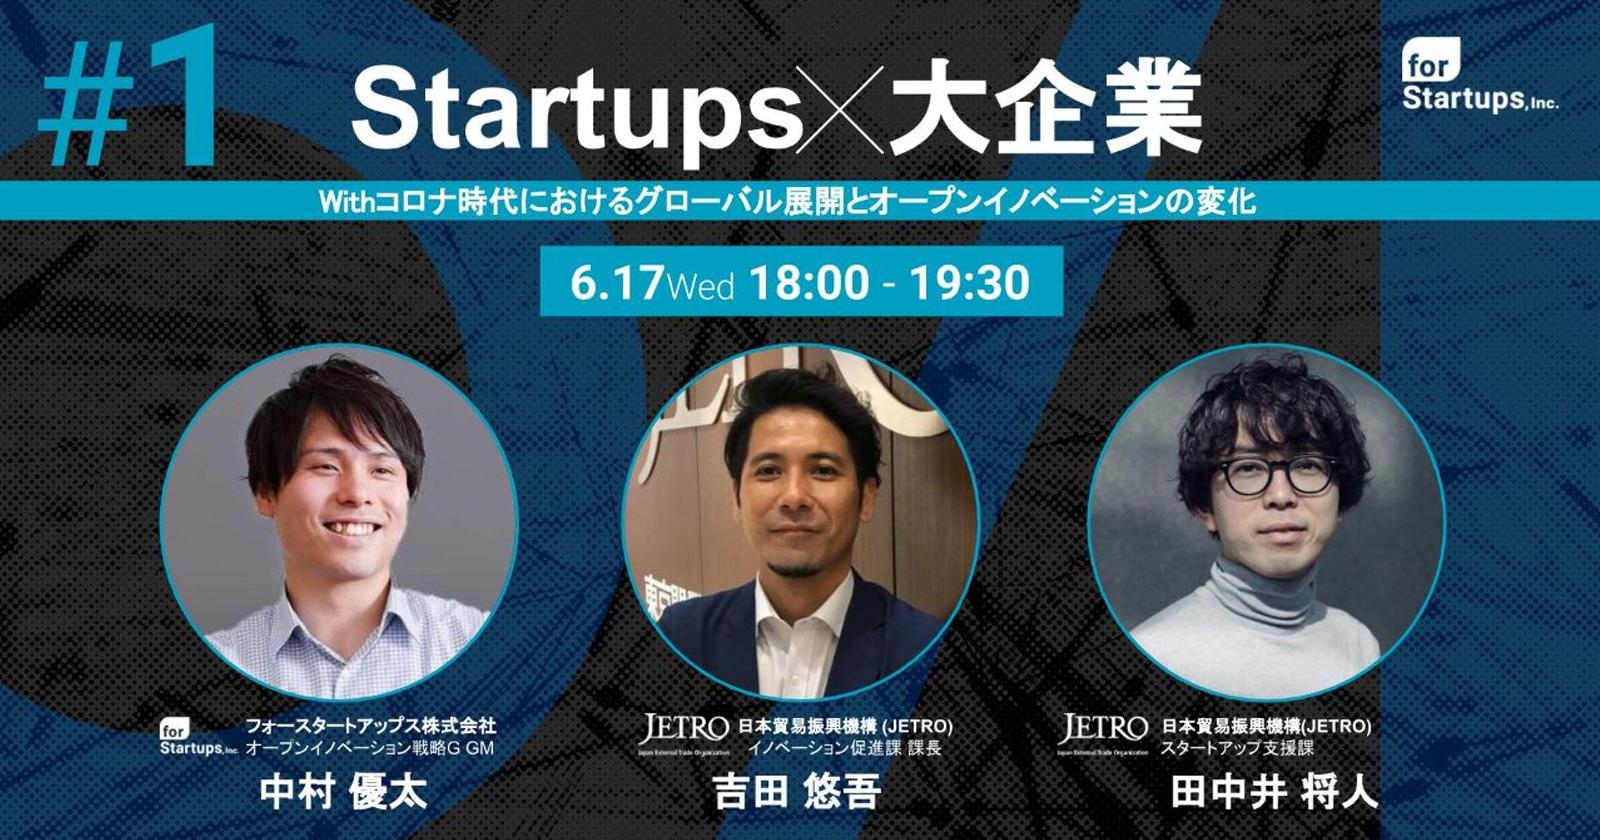 """【イベント】""""「Startups x 大企業」#1 〜Withコロナ時代におけるグローバル展開とオープンイノベーションの変化〜""""を開催しました。"""